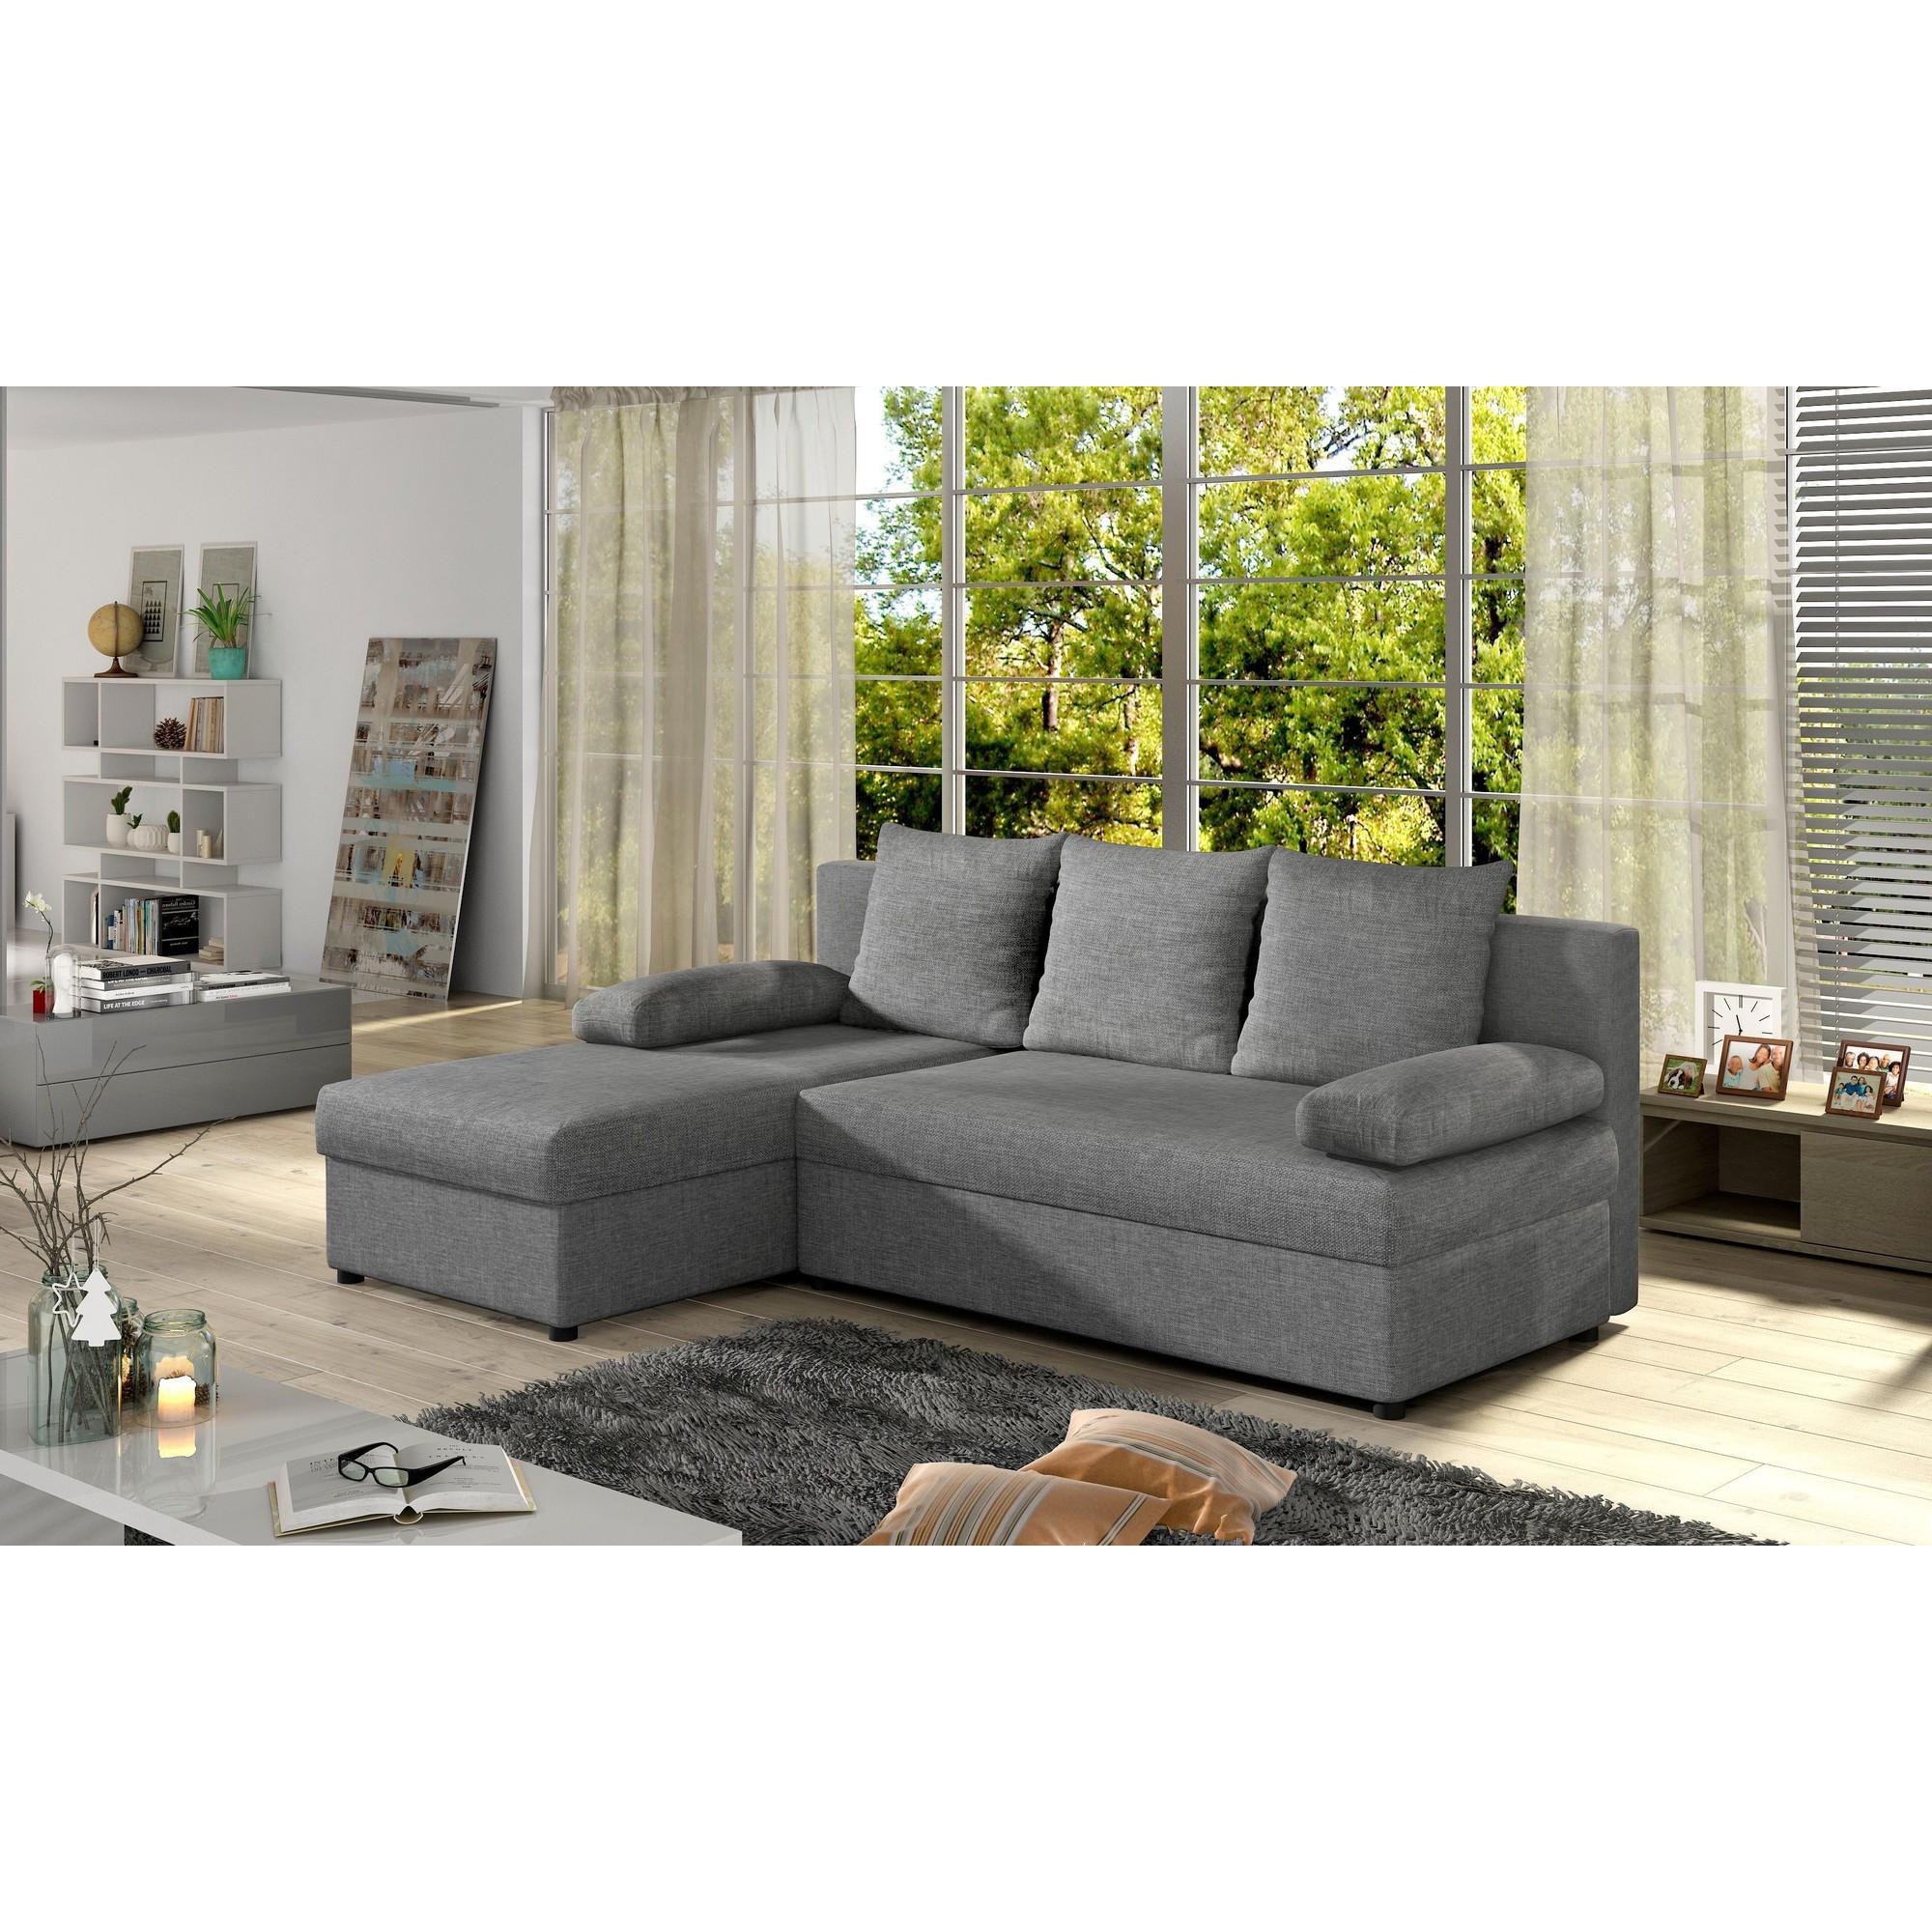 Canapé d angle convertible 3 places en tissu gris clair